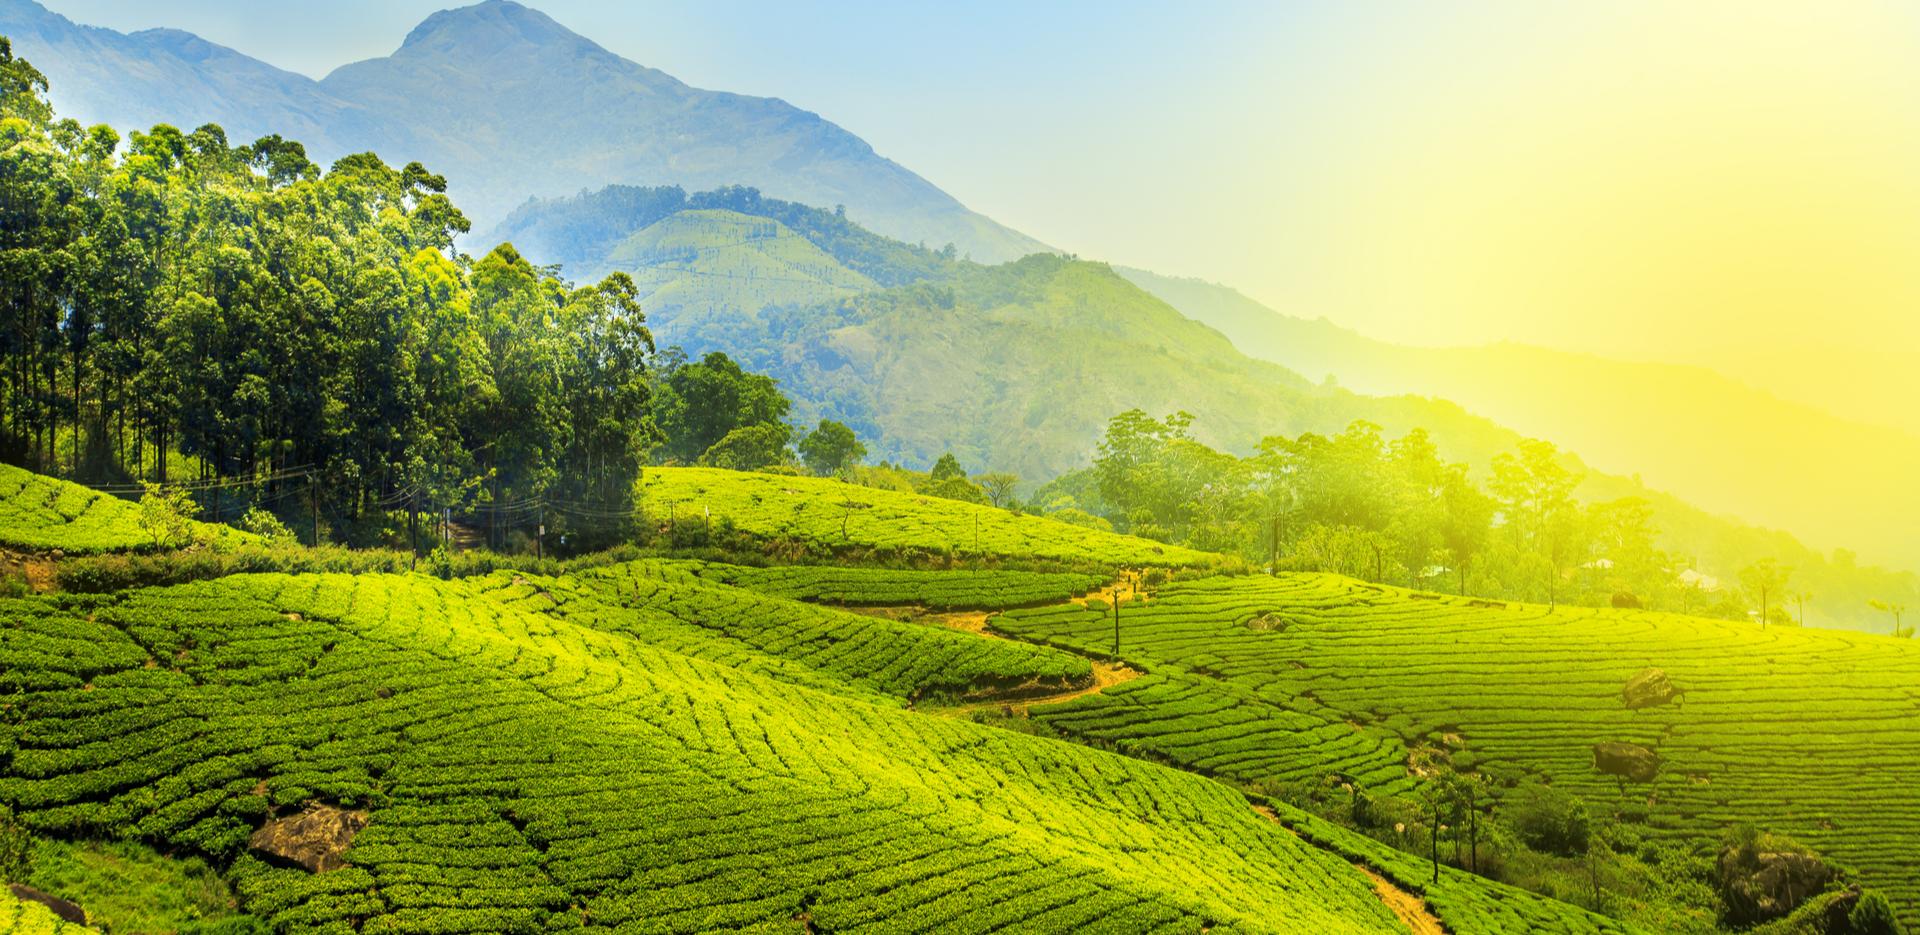 Munnar Town in Kerala